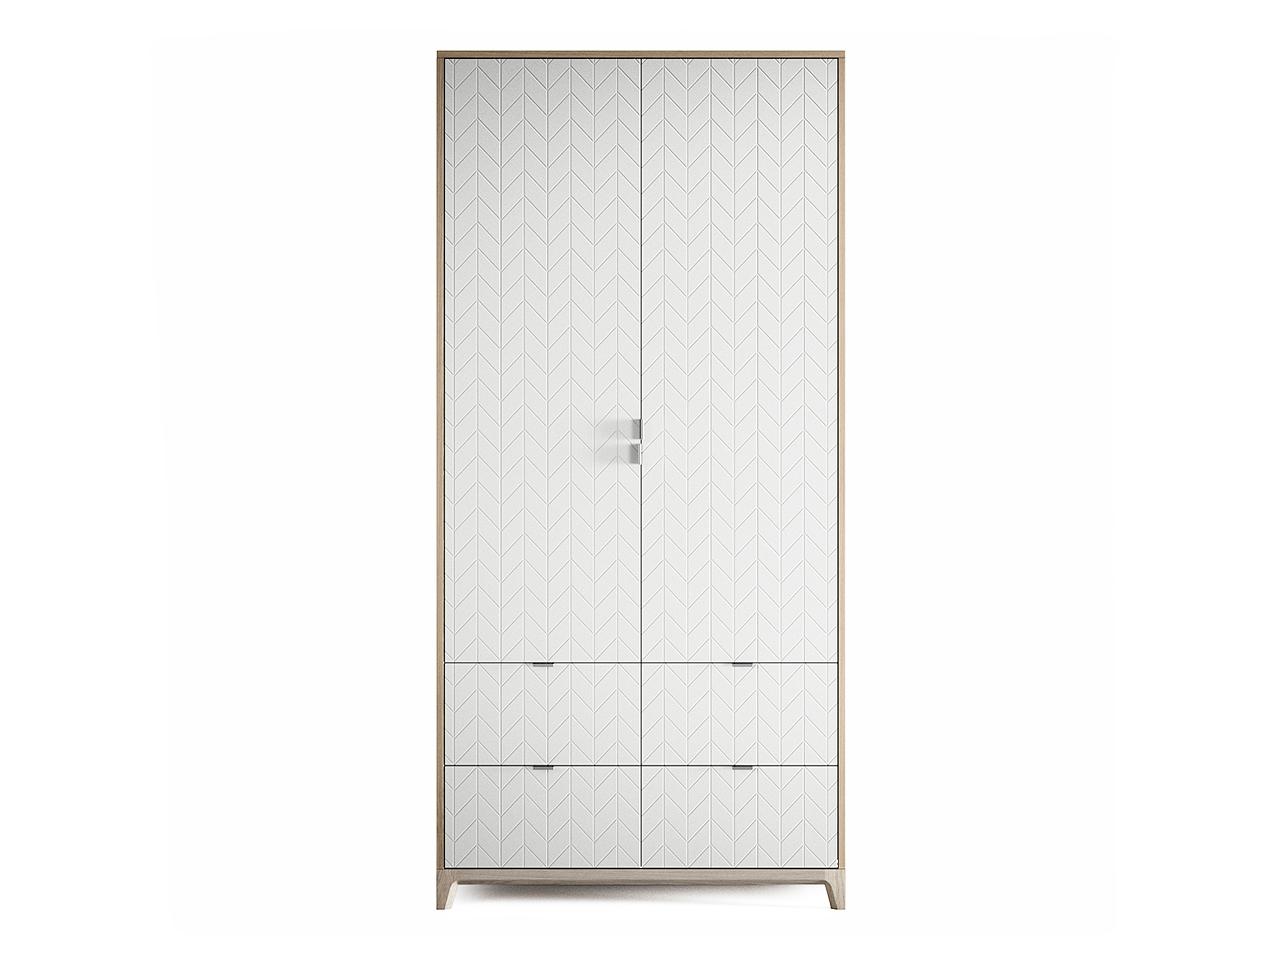 Шкаф Case №4Платяные шкафы<br>Компактный шкаф CASE №4 сочетает в себе продуманную структуру и современный дизайн впишется даже в самое небольшое уютное помещение.В новом варианте предлагаются ящики с внешними фасадами, а также обновленное наполнение шкафов. Внутри комфортно расположены полки и штанги для вешалок, сплошная перфорация позволяет устанавливать полки в удобном положении,&amp;lt;div&amp;gt;&amp;lt;br&amp;gt;&amp;lt;/div&amp;gt;&amp;lt;div&amp;gt;Материал: Массив дуба, МДФ, ДСП, эмаль, лак&amp;lt;br&amp;gt;&amp;lt;/div&amp;gt;<br><br>Material: Дуб<br>Ширина см: 100.0<br>Высота см: 210.0<br>Глубина см: 60.0